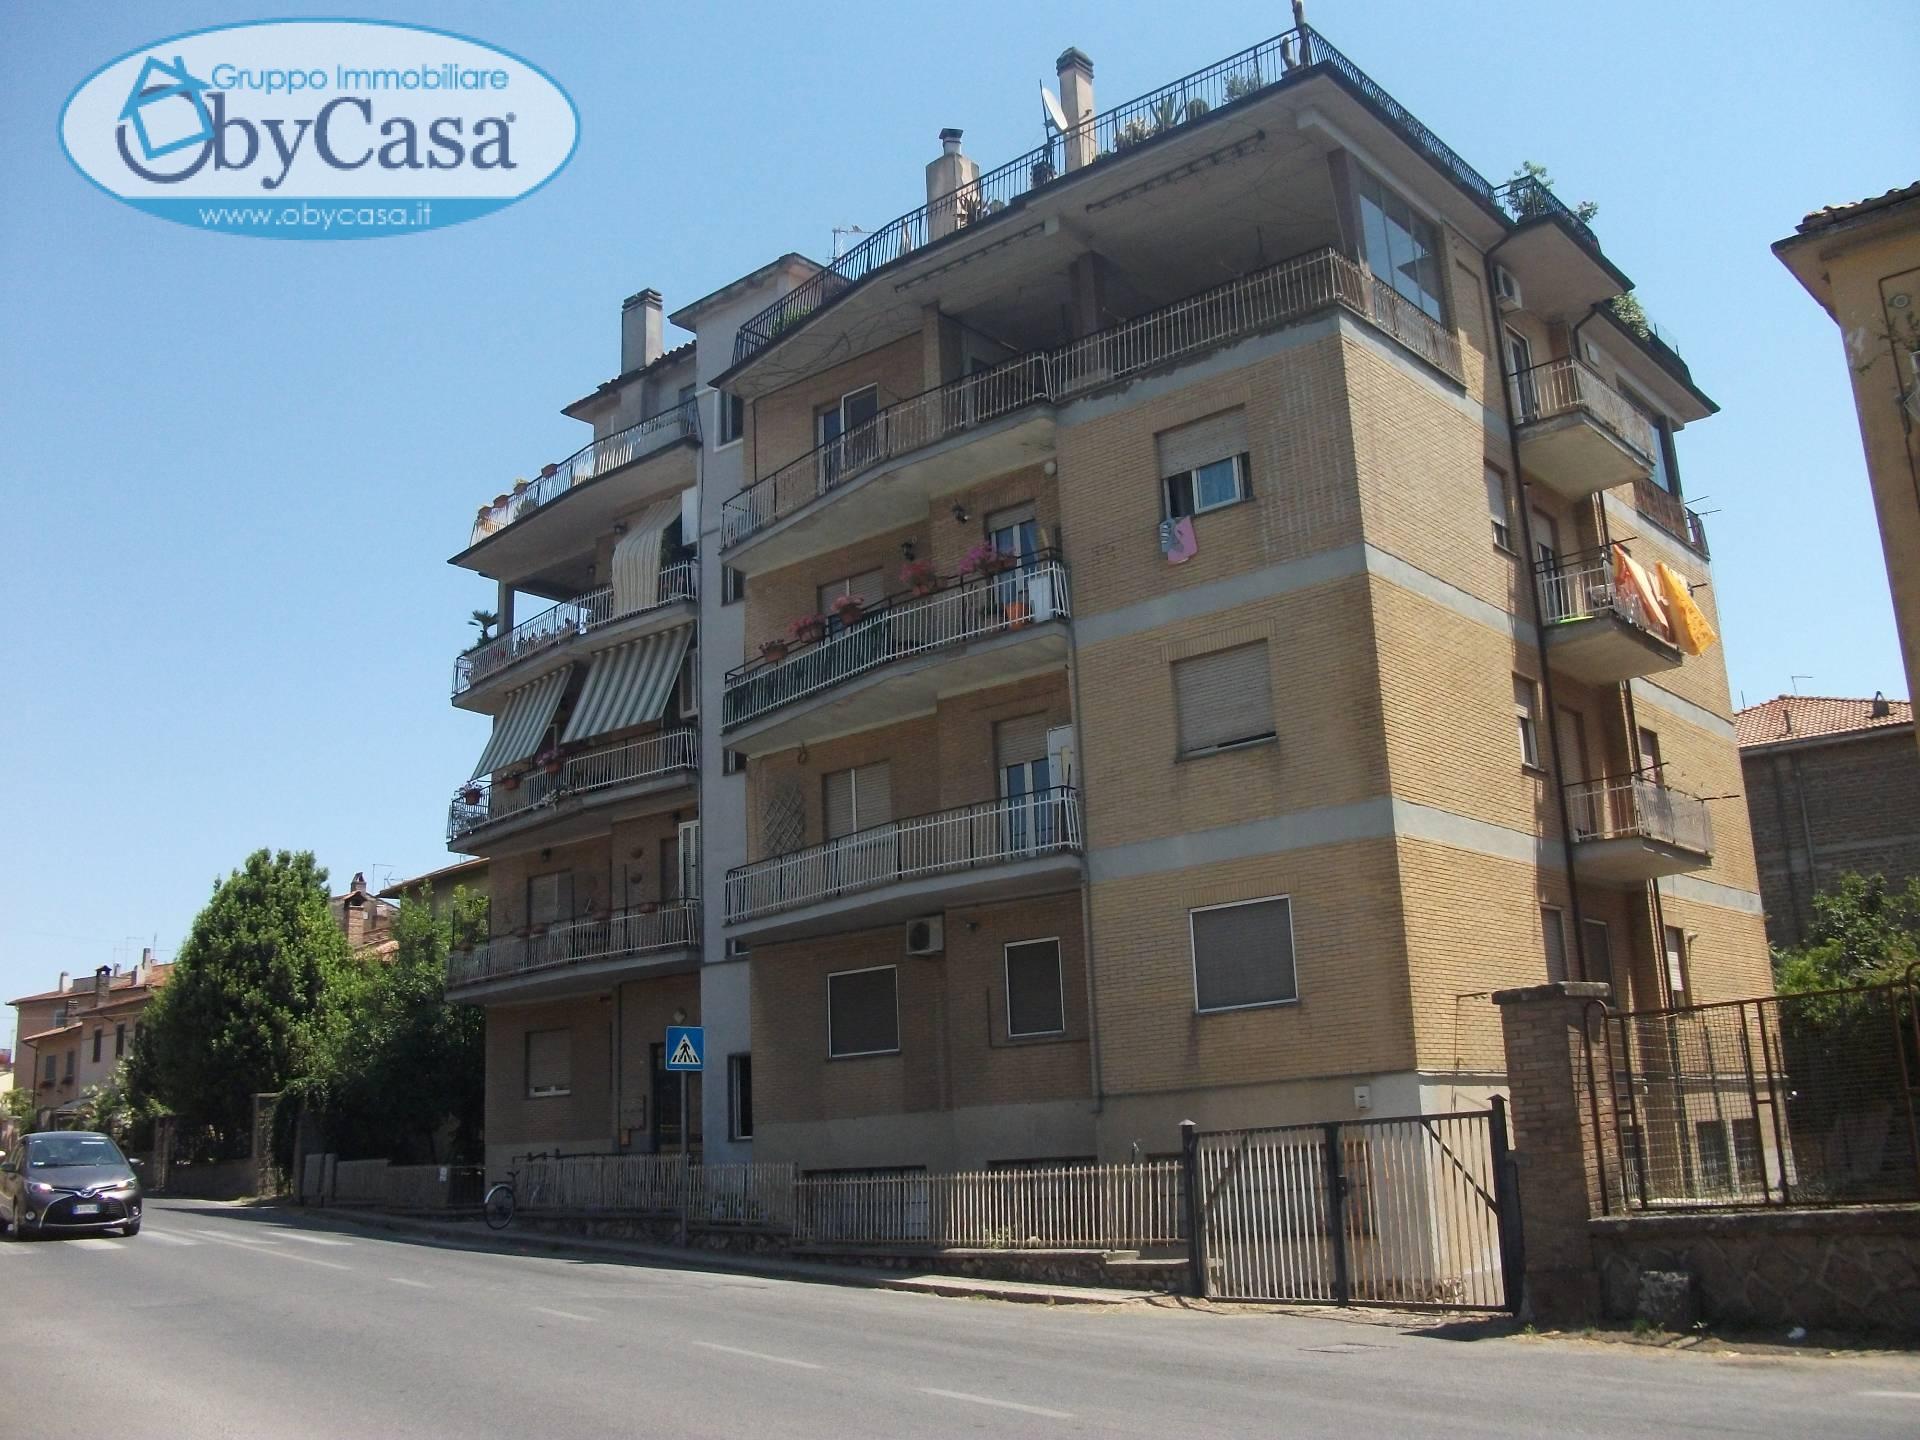 Appartamento in affitto a Oriolo Romano, 4 locali, prezzo € 300 | Cambio Casa.it